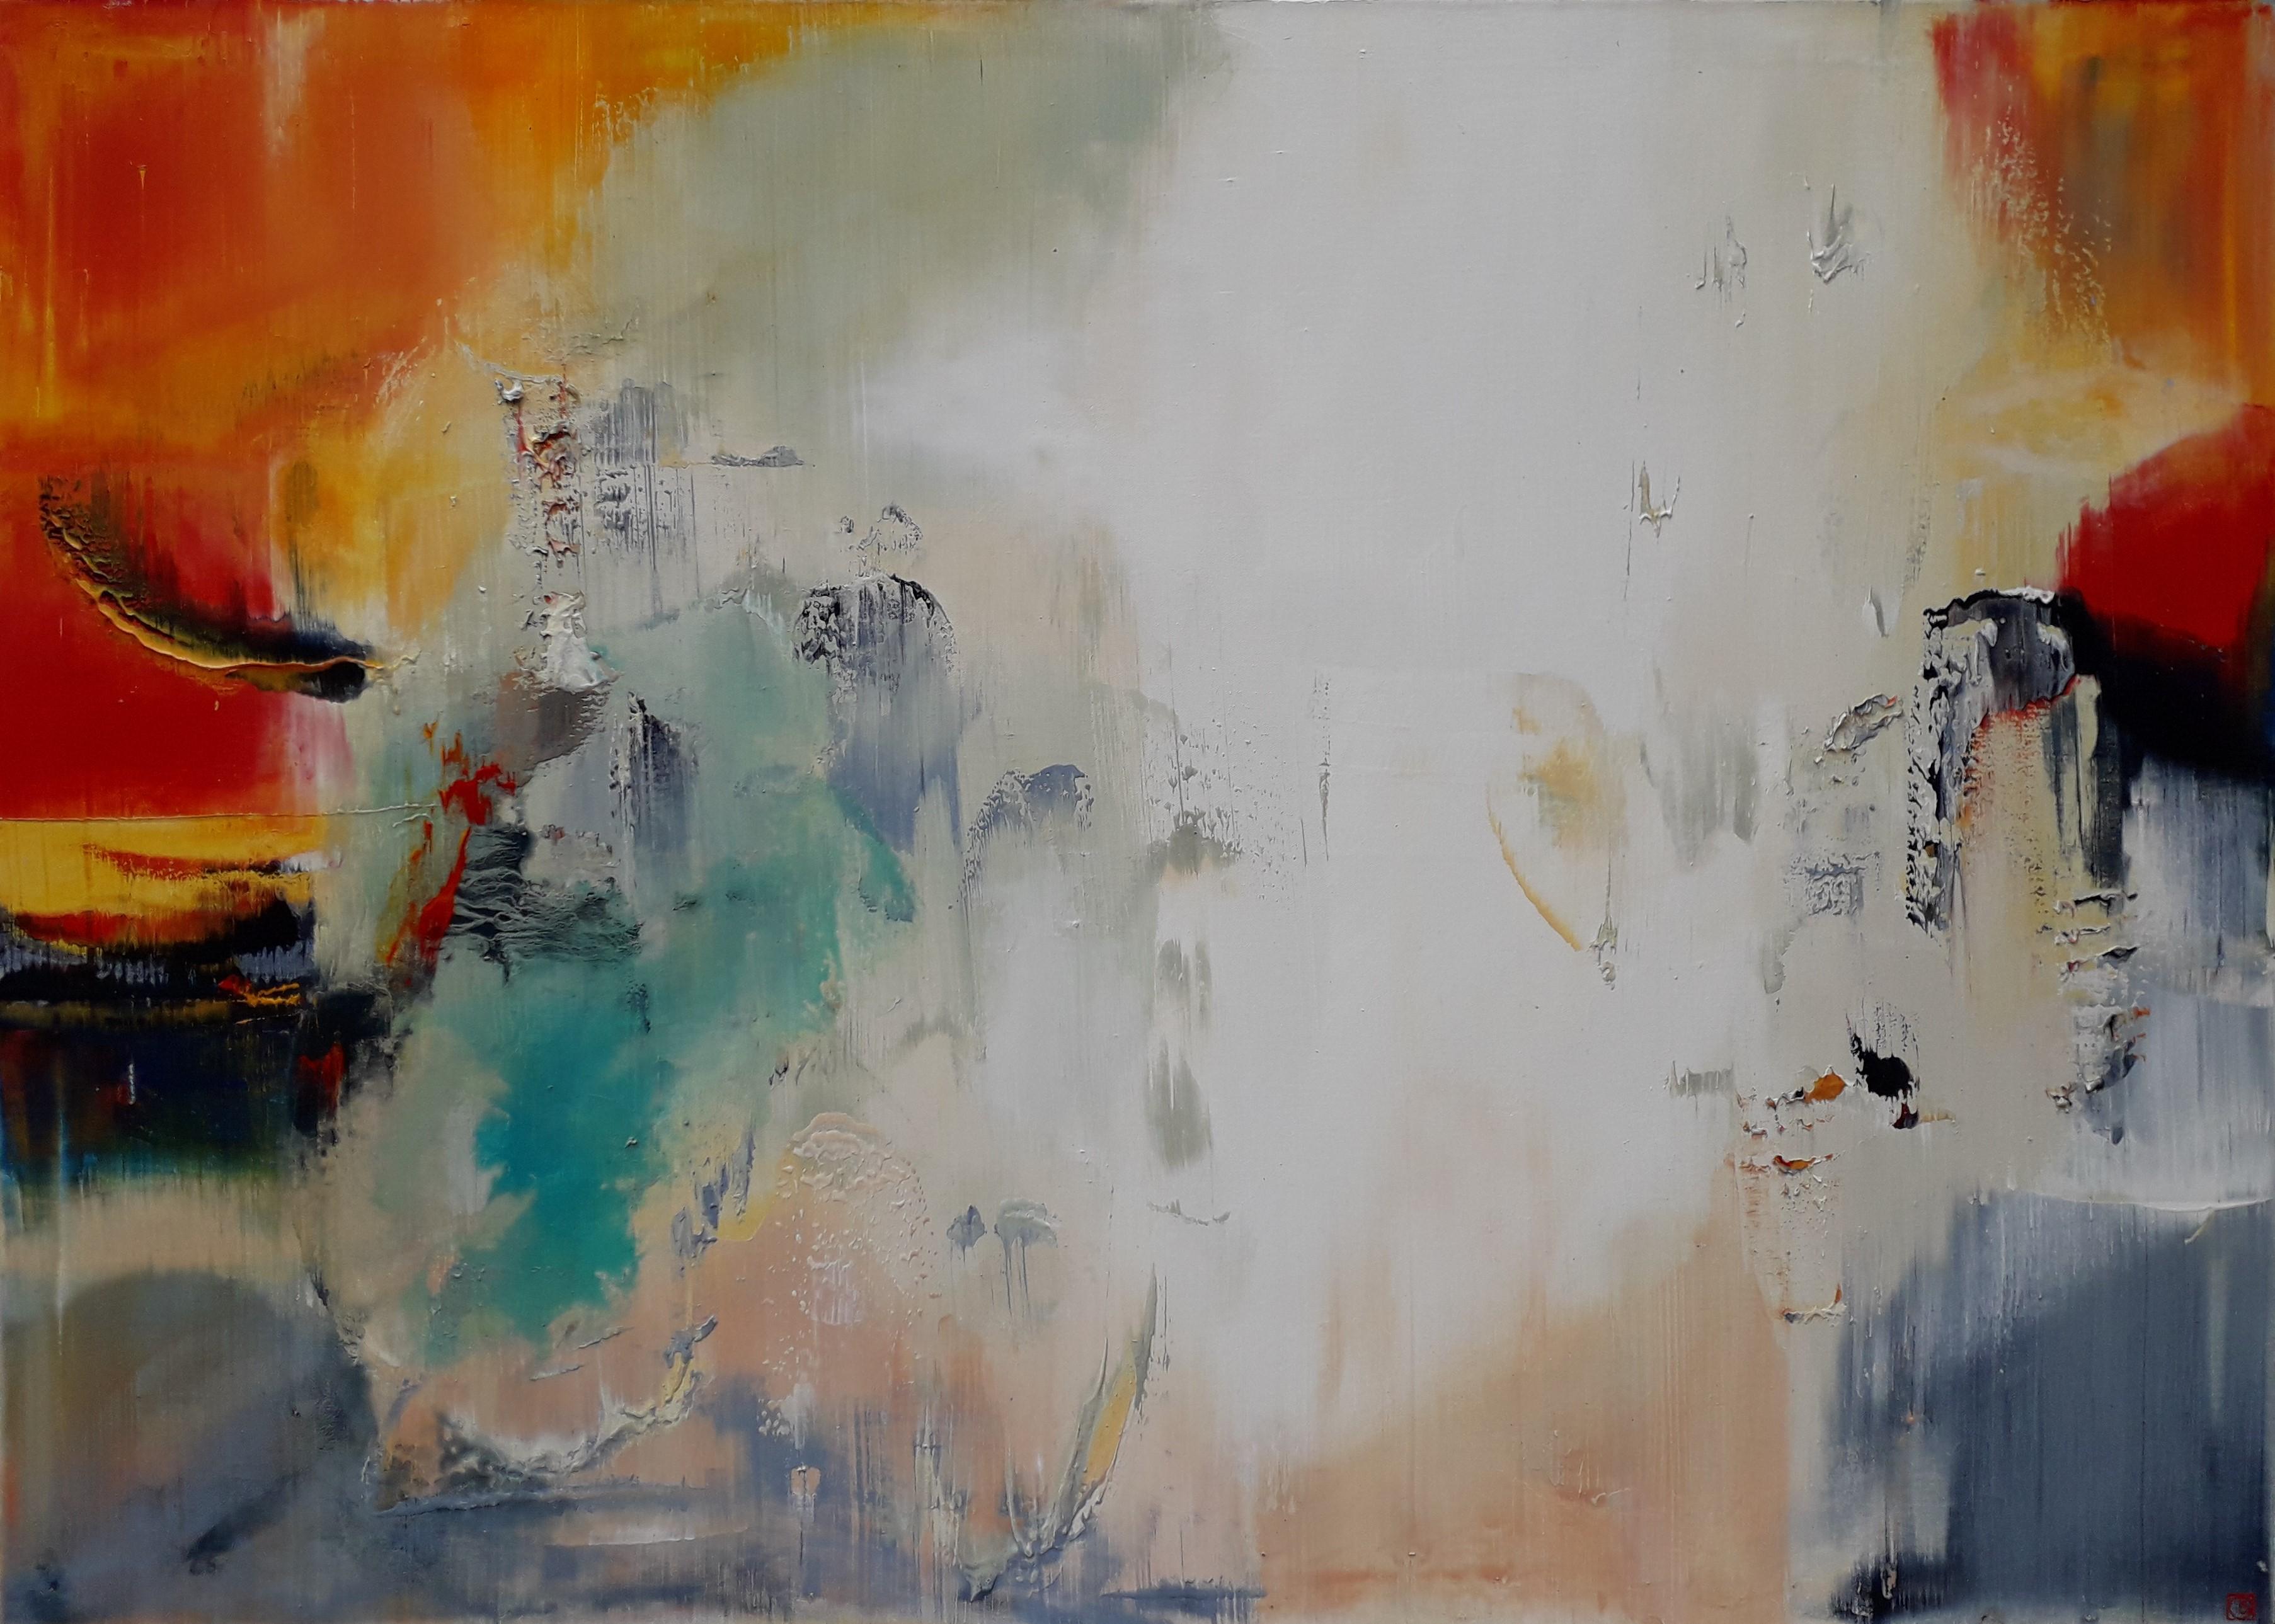 Abstraktion in Orange und Türkis